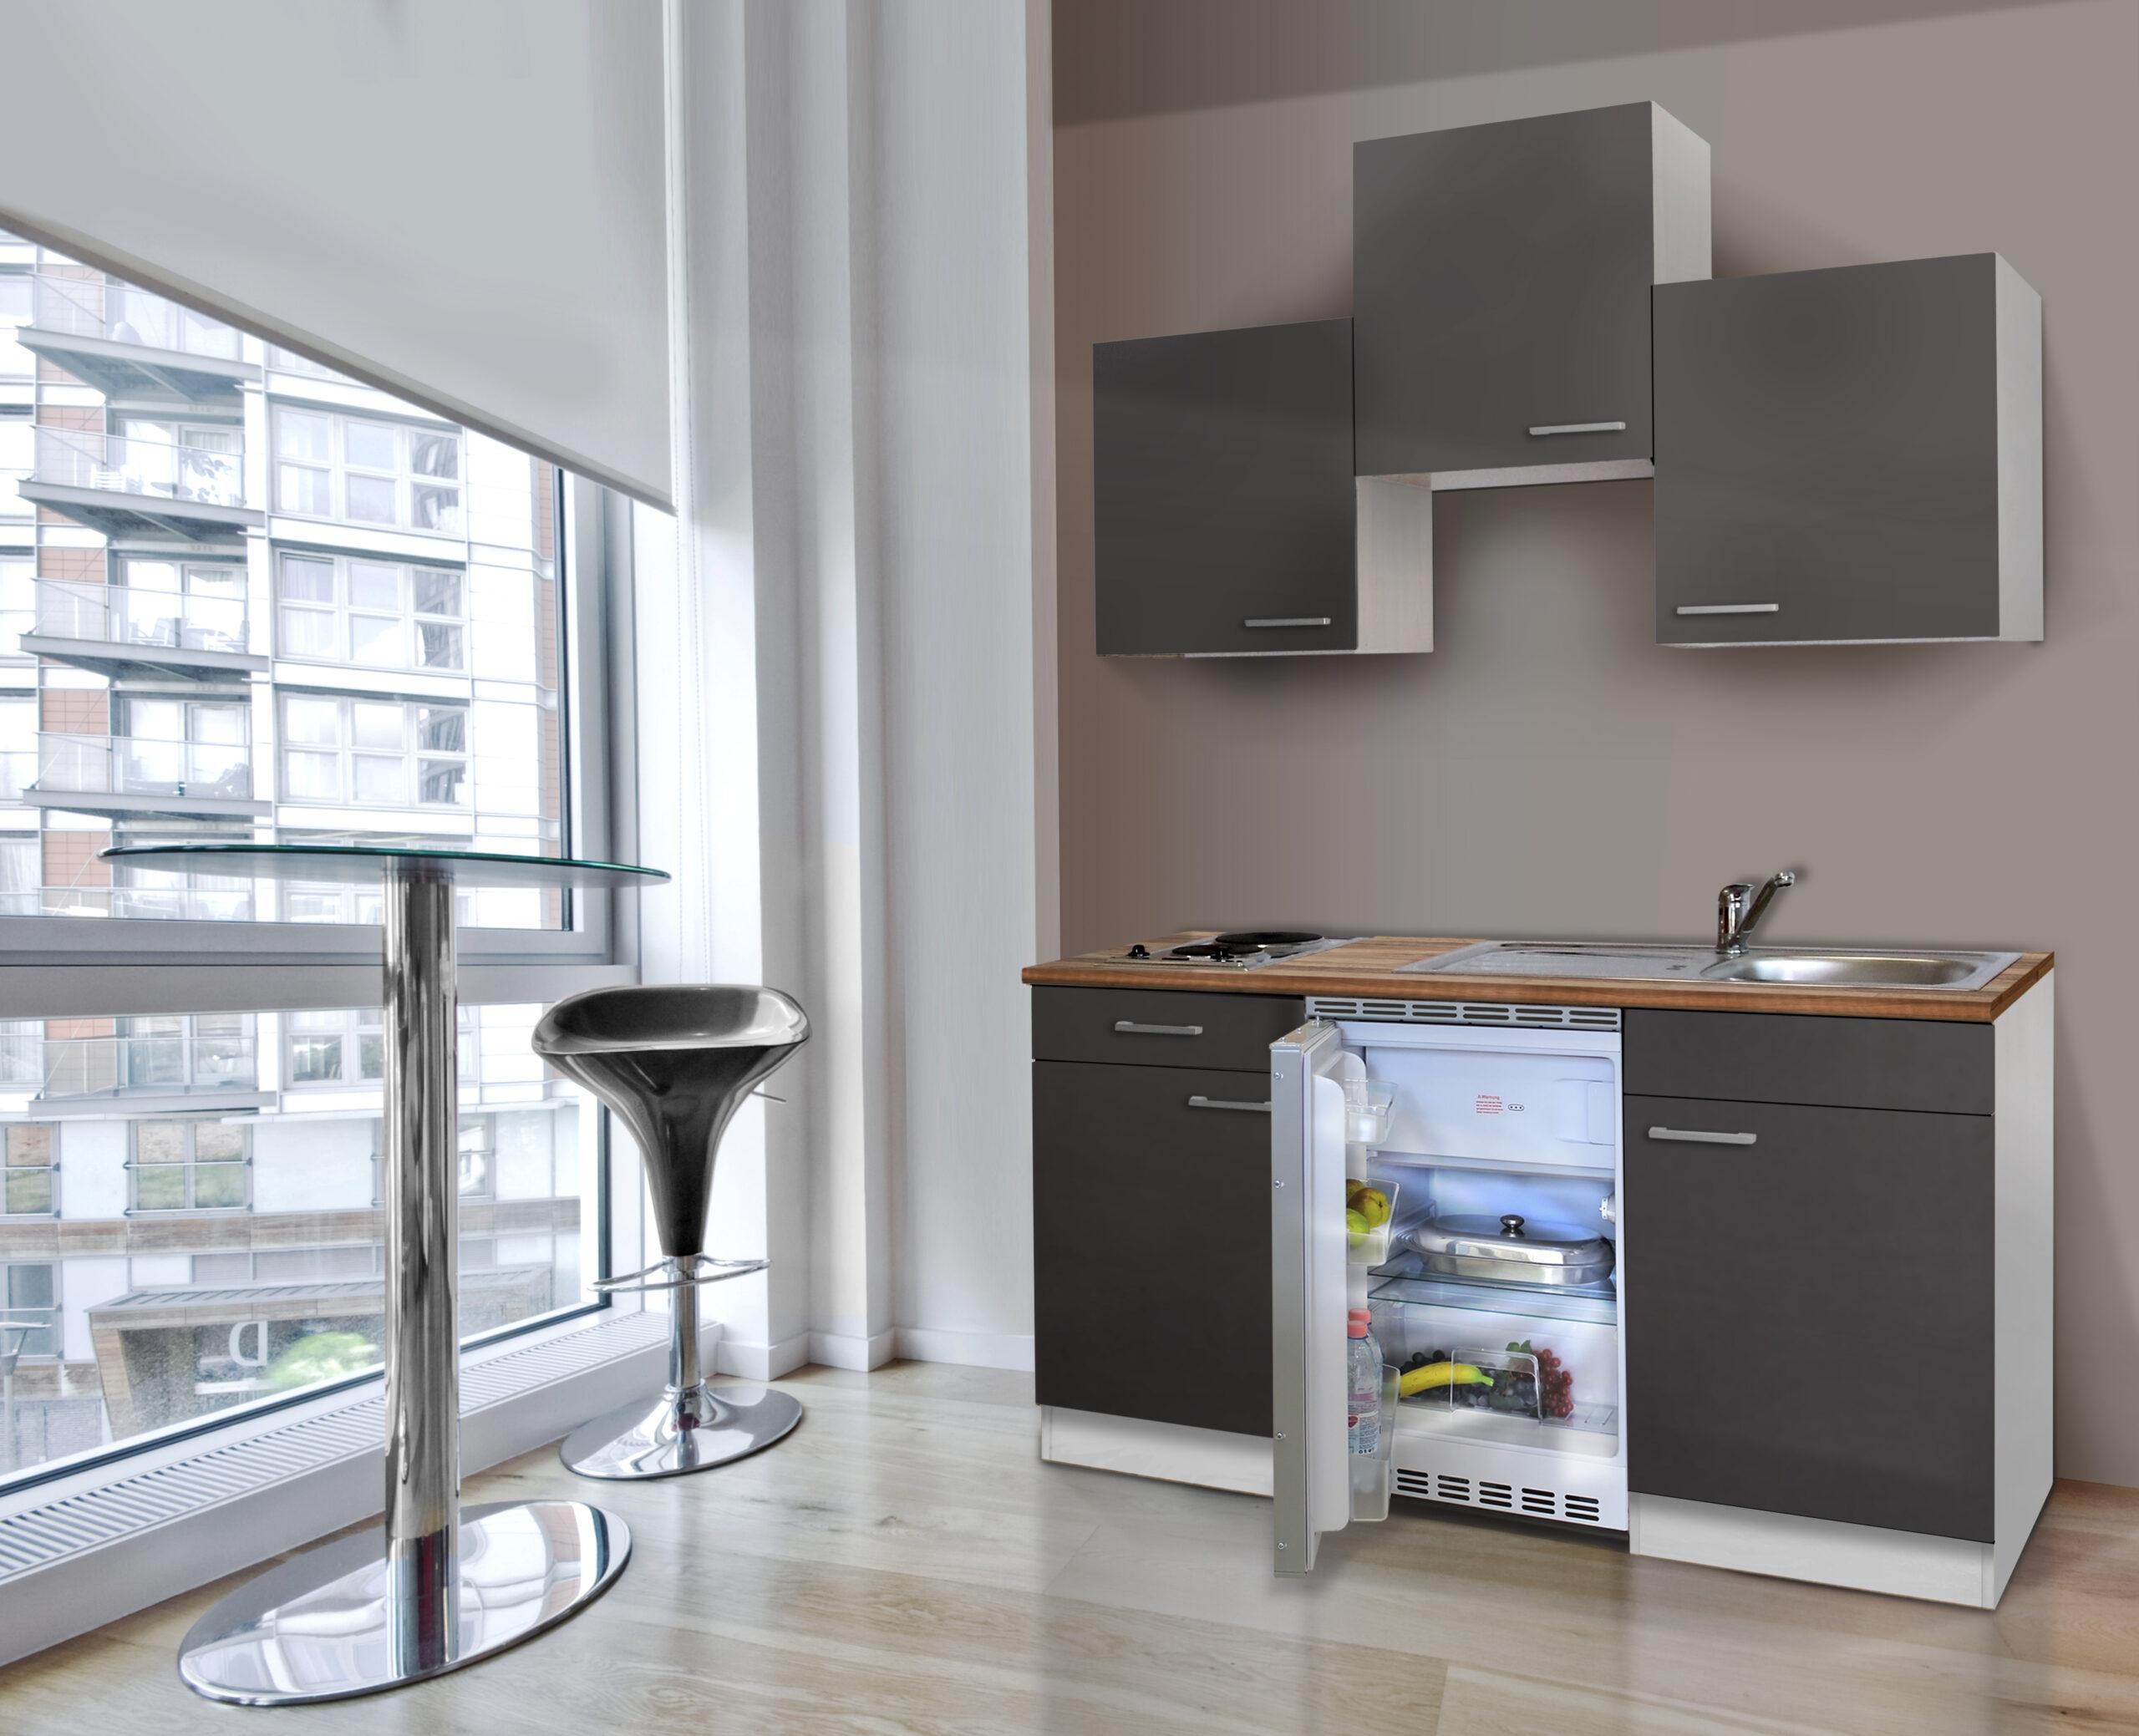 Full Size of Miniküche Mit Kühlschrank Ikea Roller Regale Stengel Wohnzimmer Roller Miniküche